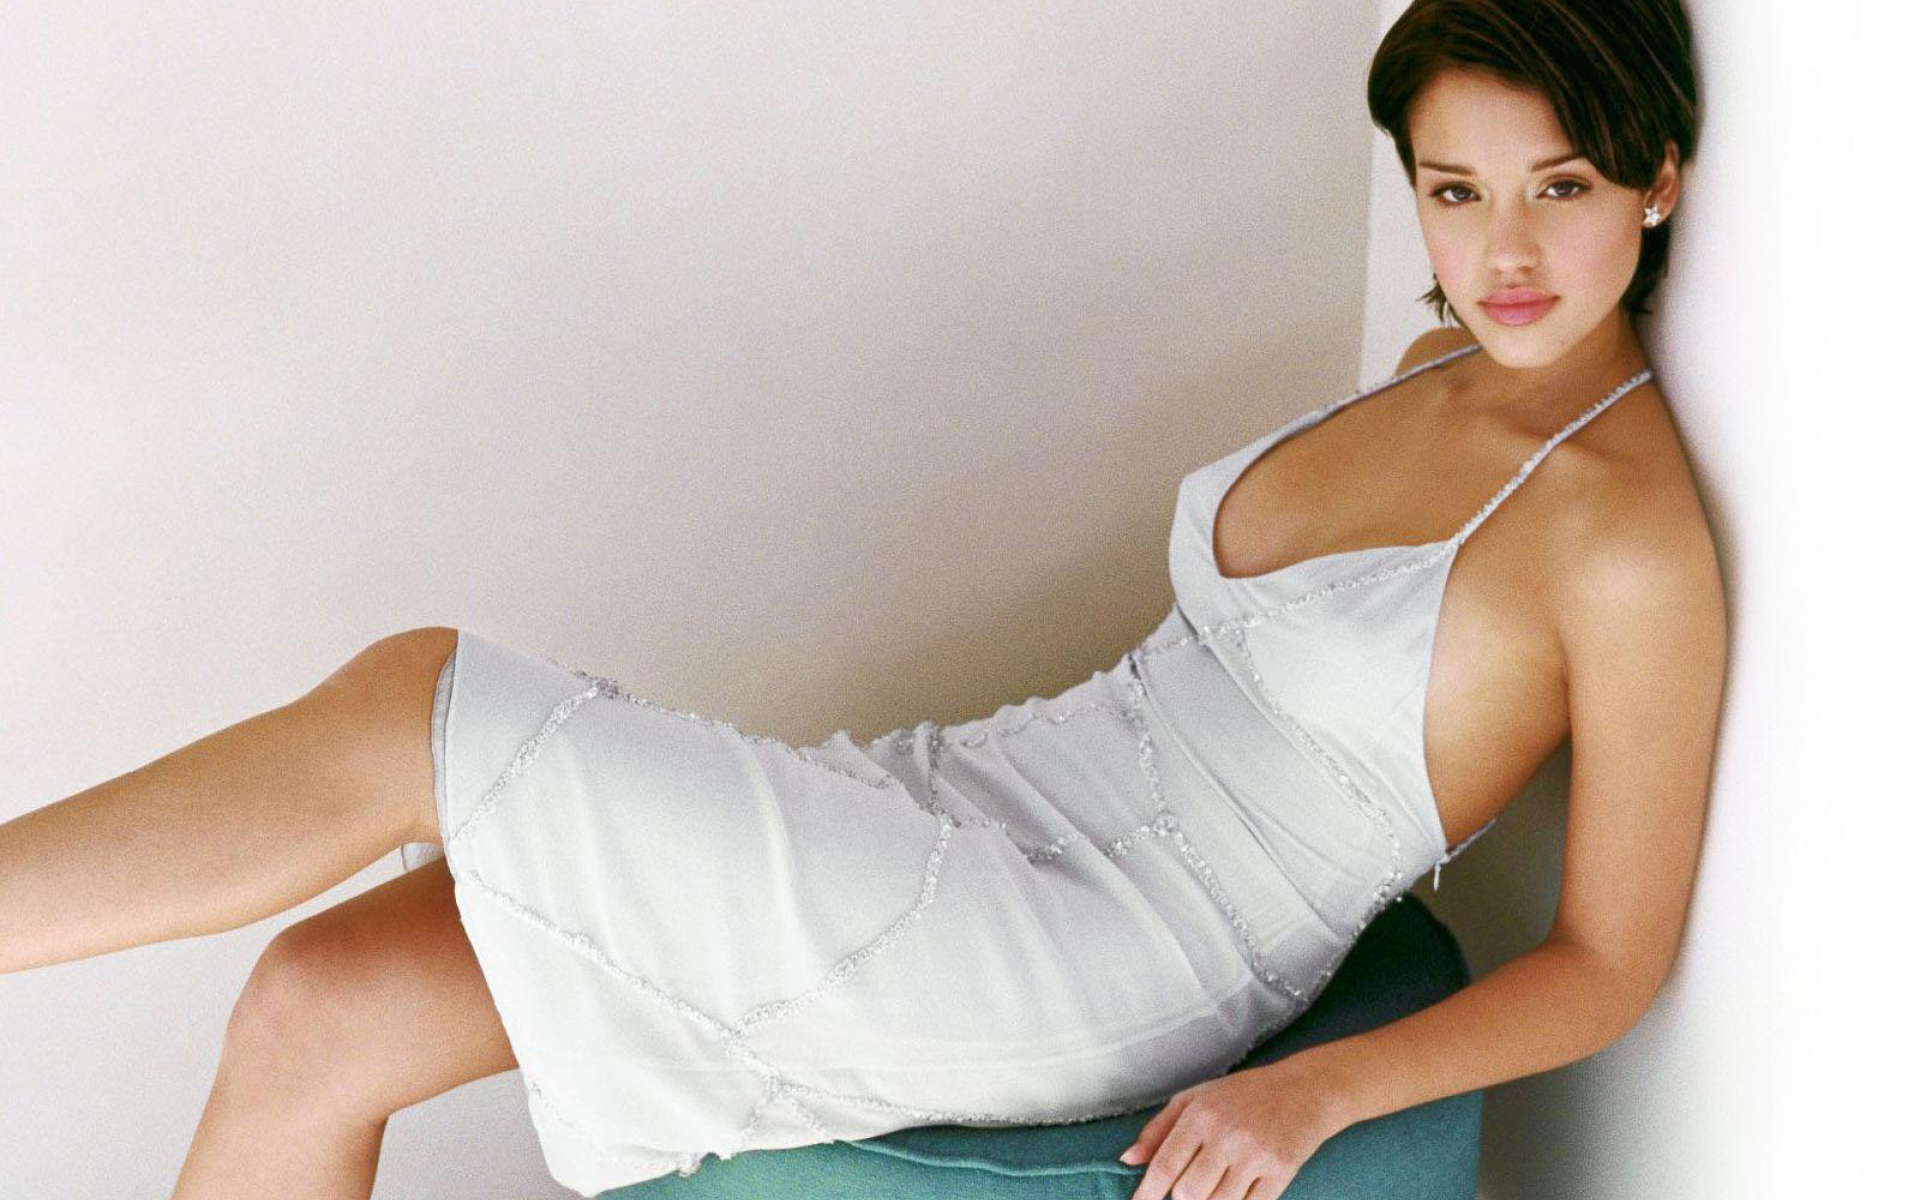 Julie suelzer nude